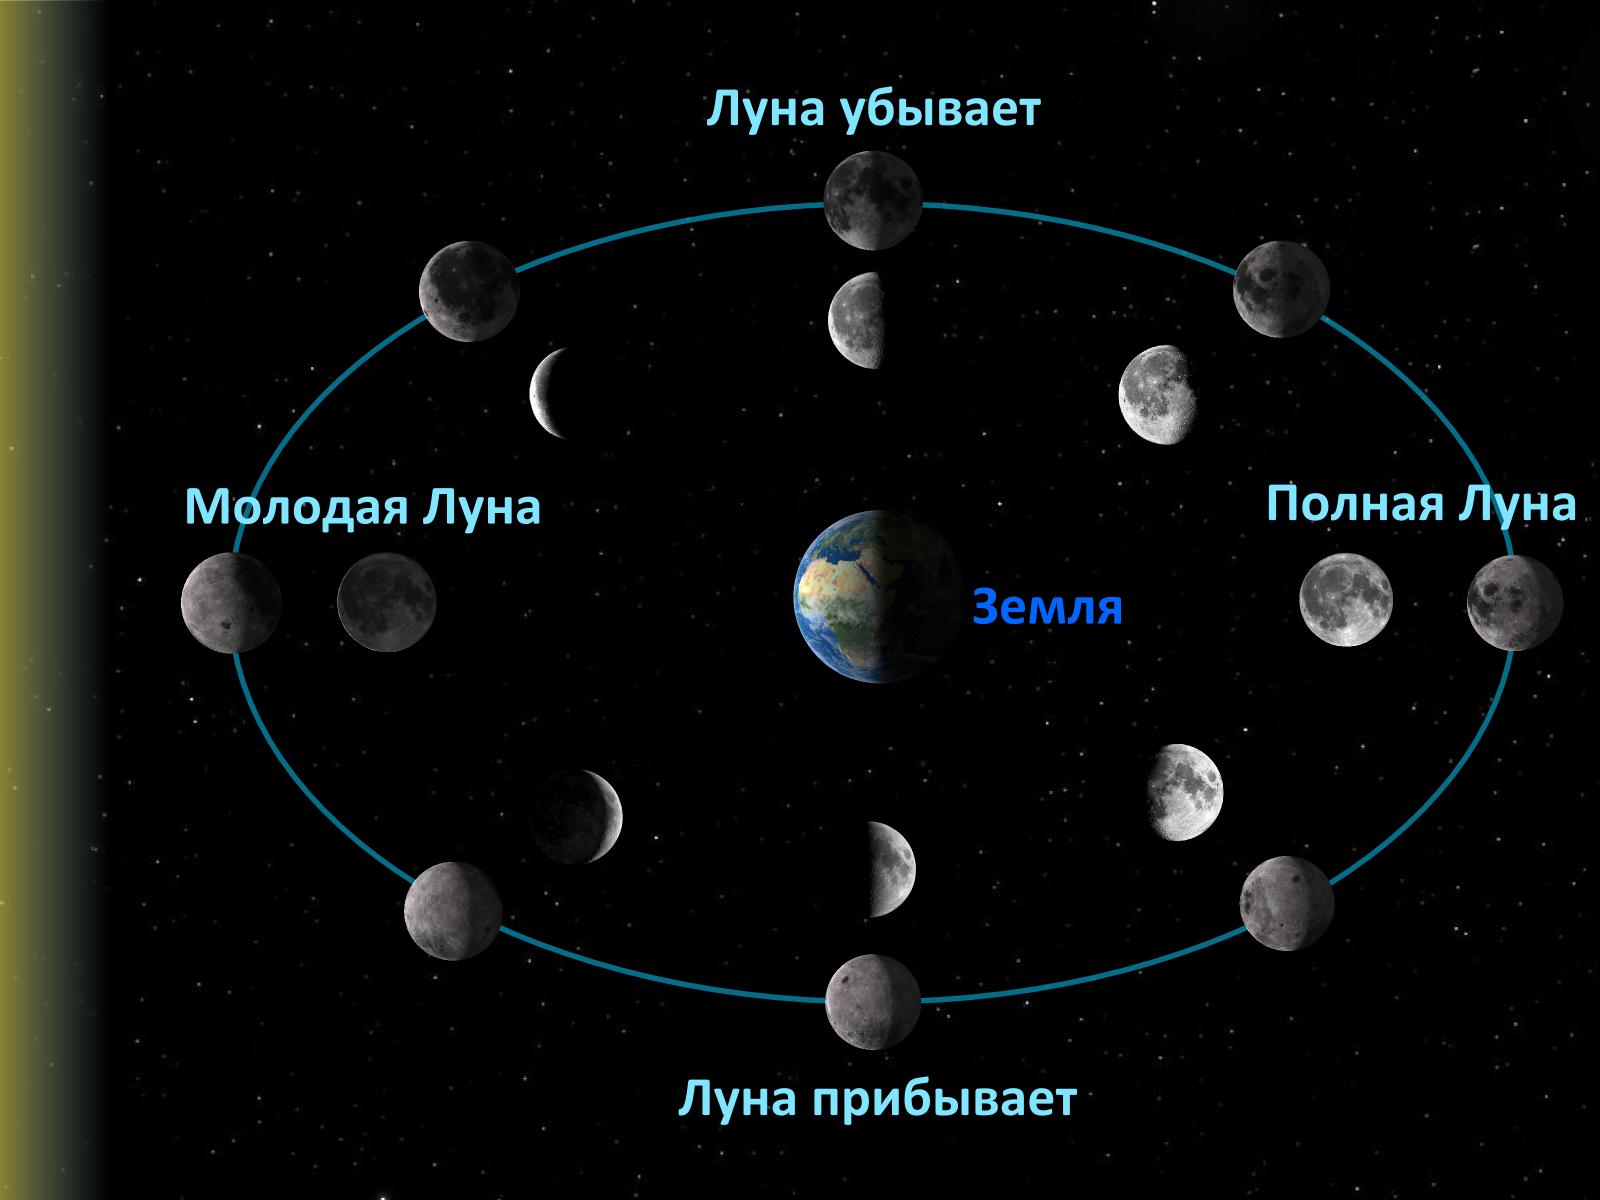 Phases of the Moon by VitaZheltyakov on DeviantArt